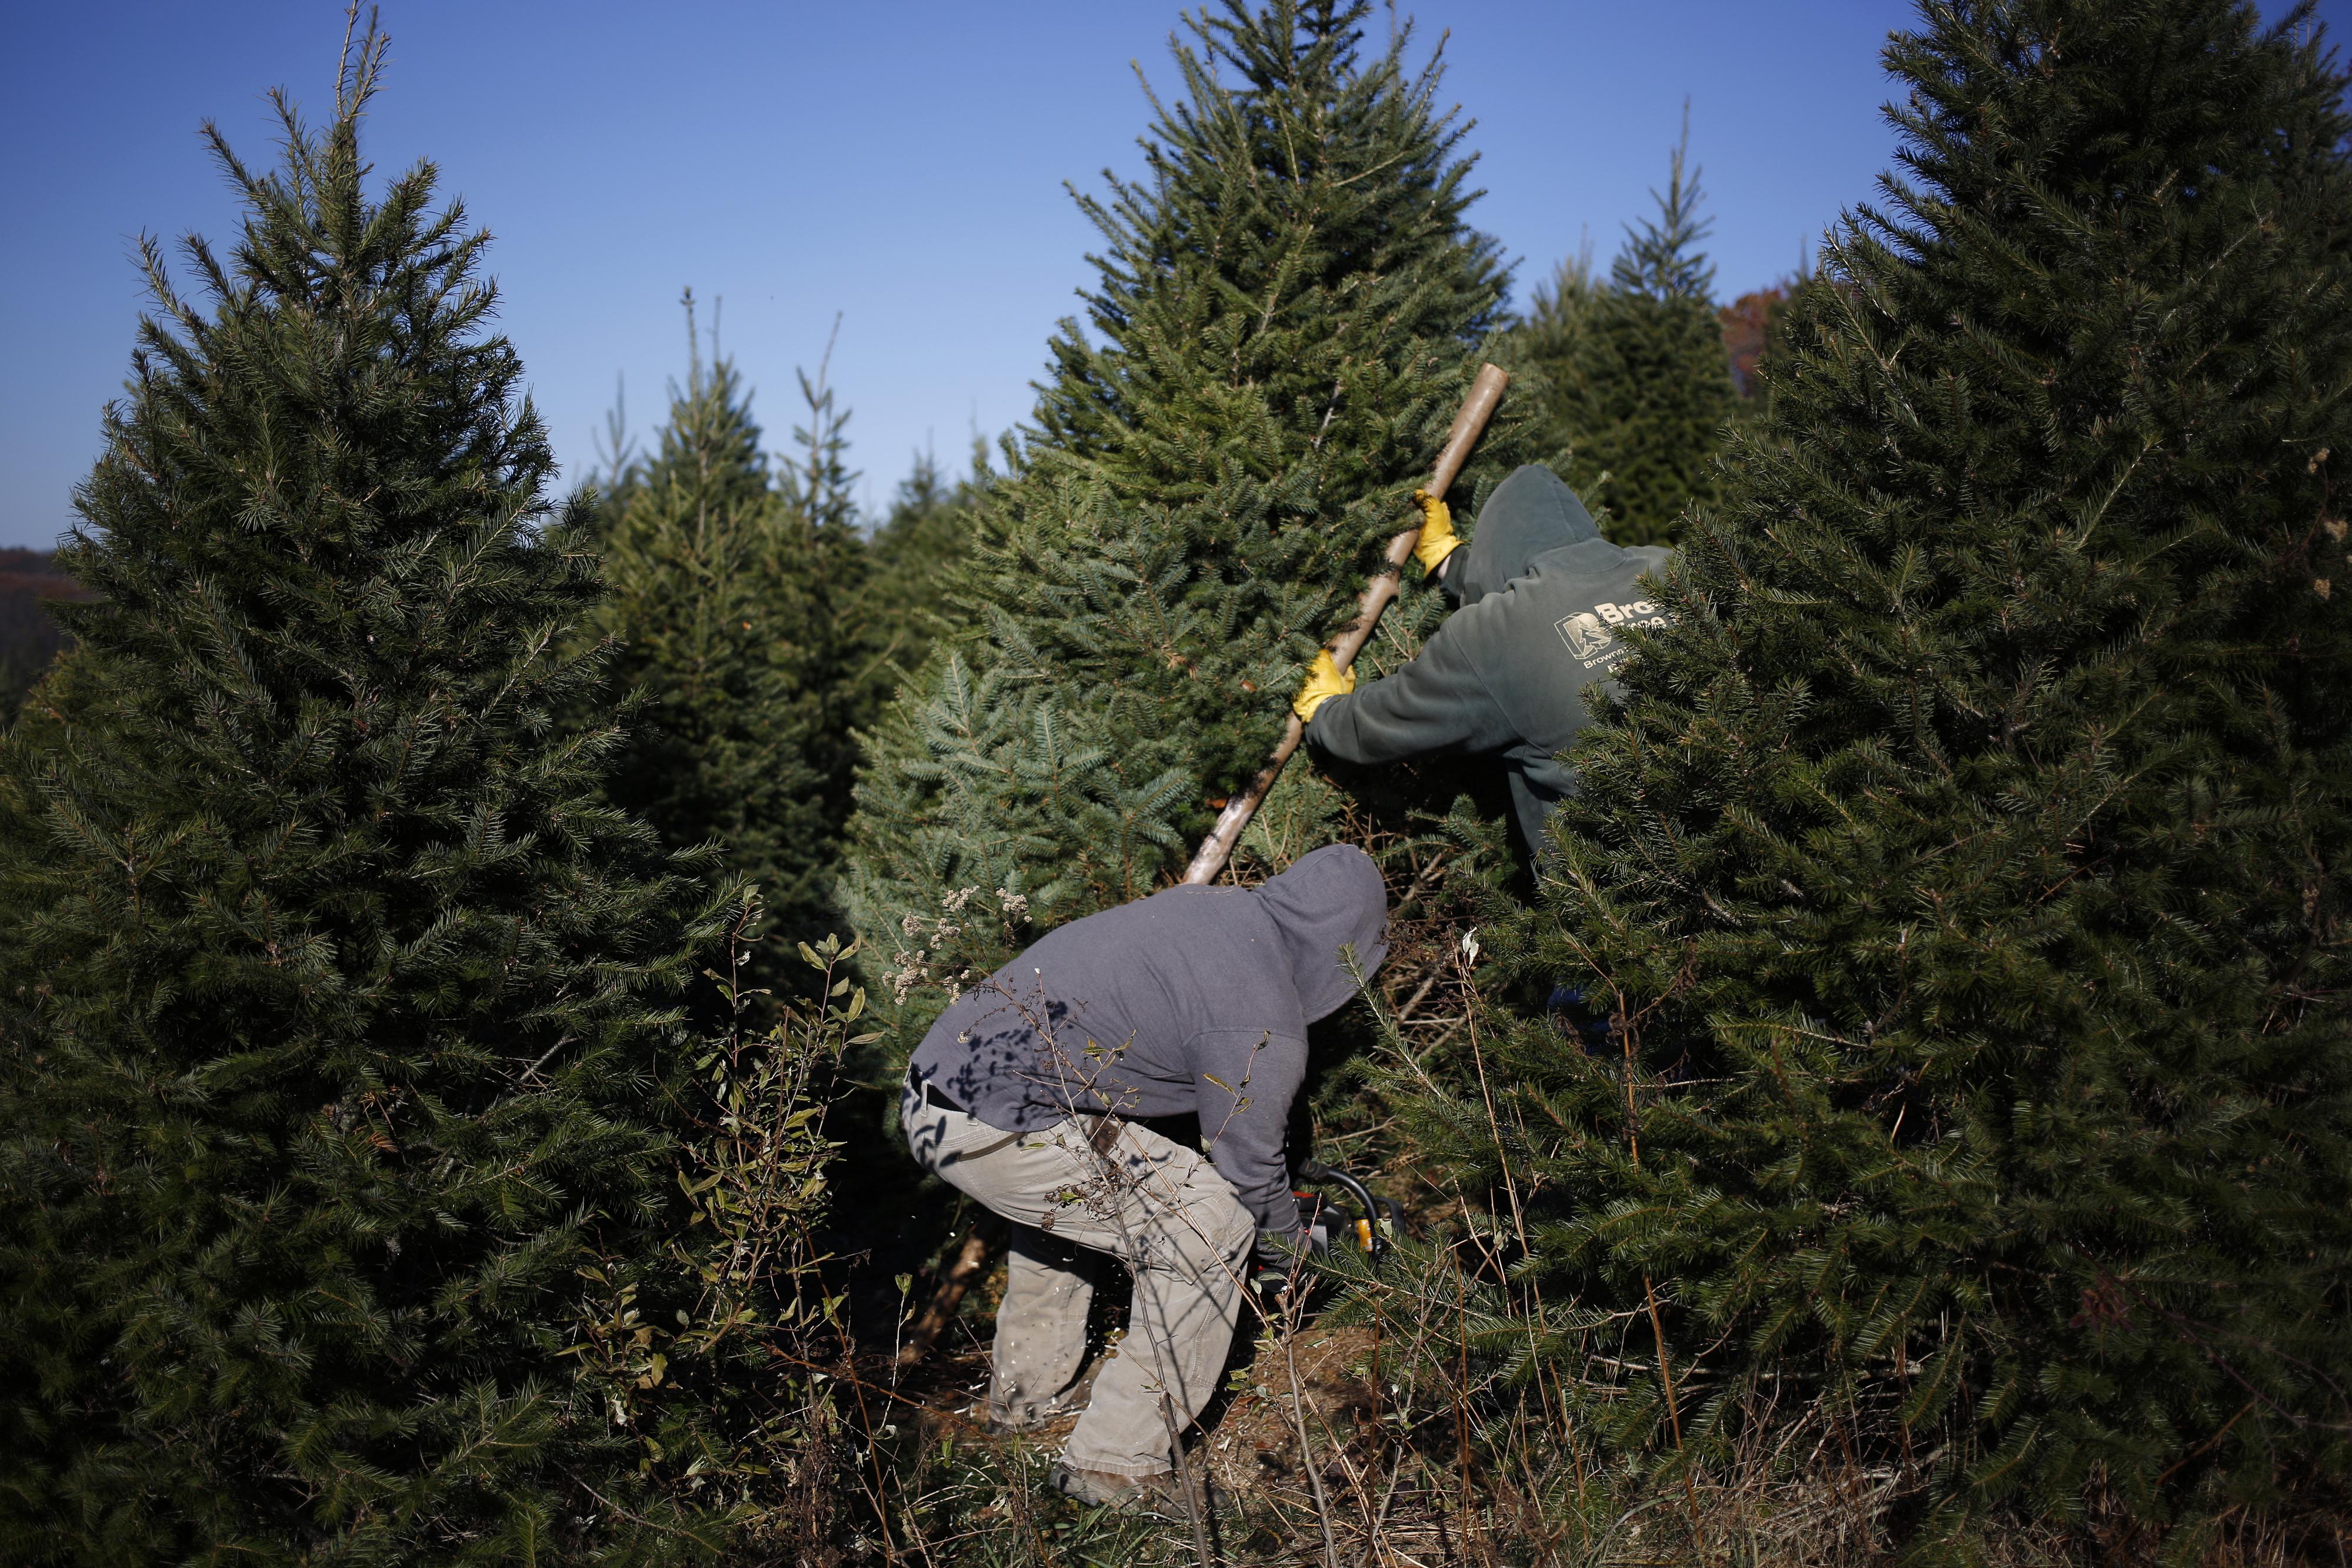 Workers harvest Christmas trees at Brown's Tree Farm in Muncy, Pennsylvania, U.S., on Nov. 29, 2017. MUST CREDIT: Bloomberg photo by Luke Sharrett.